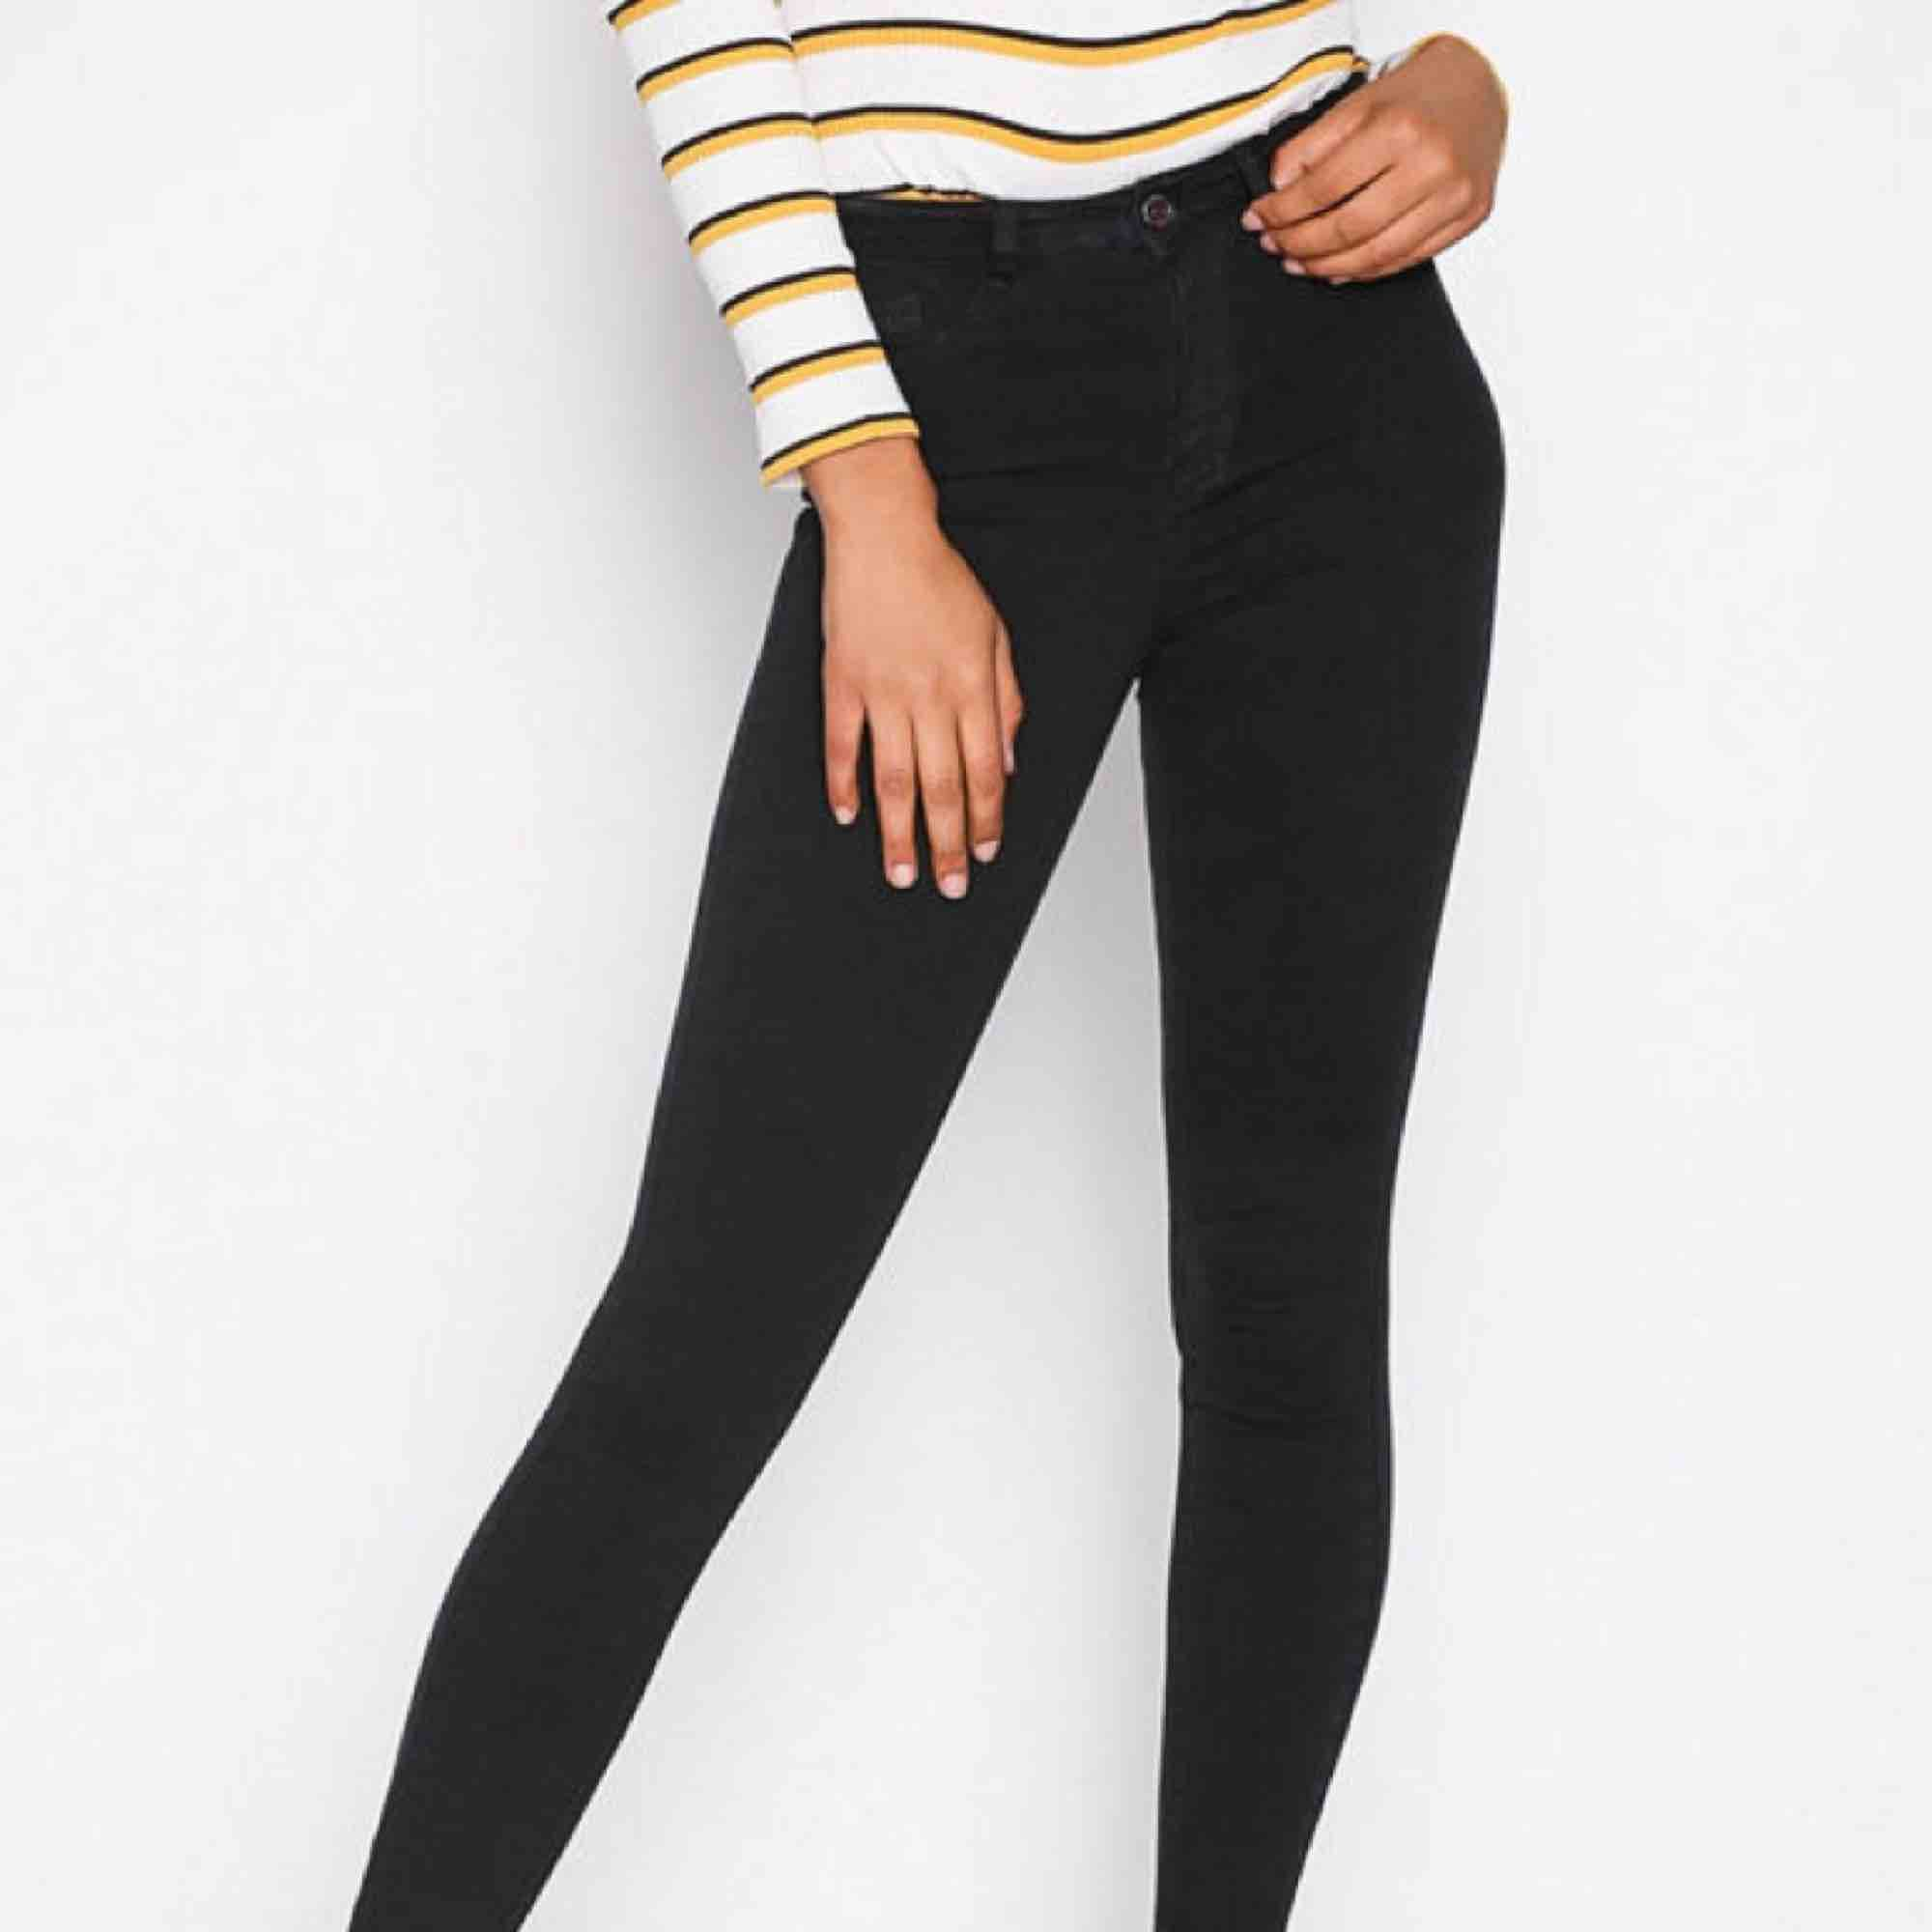 Högmidjade svarta Molly jeans från Gina Tricot storlek XS, använt men fint skick.  Möts upp i Stockholm eller fraktar.  Frakt kostar 59kr extra, postar med videobevis/bildbevis. Jag garanterar en snabb pålitlig affär!✨. Jeans & Byxor.